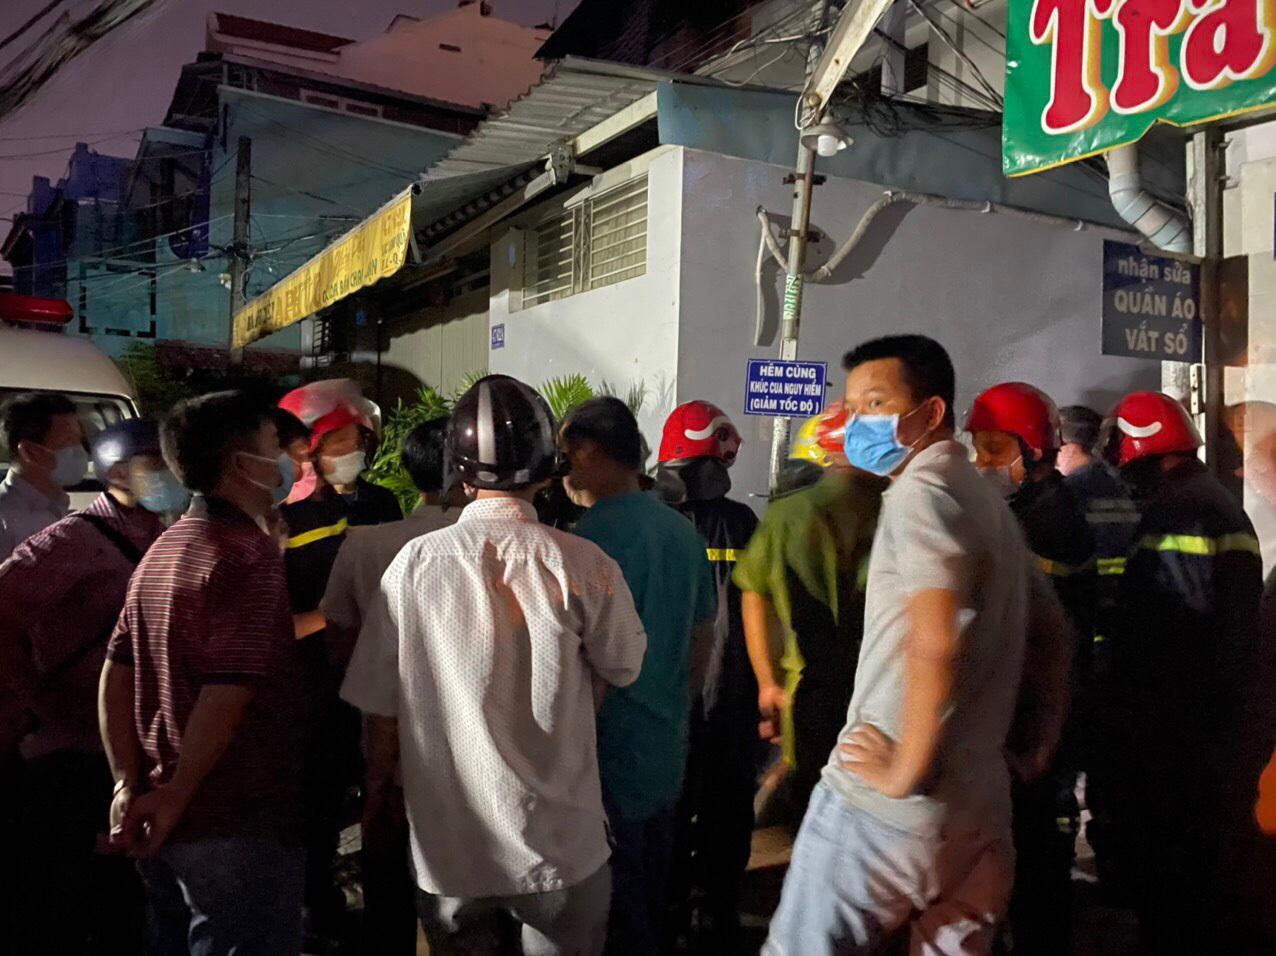 Hiện trường vụ cháy làm 8 người tử vong thương tâm ở TP HCM - 7